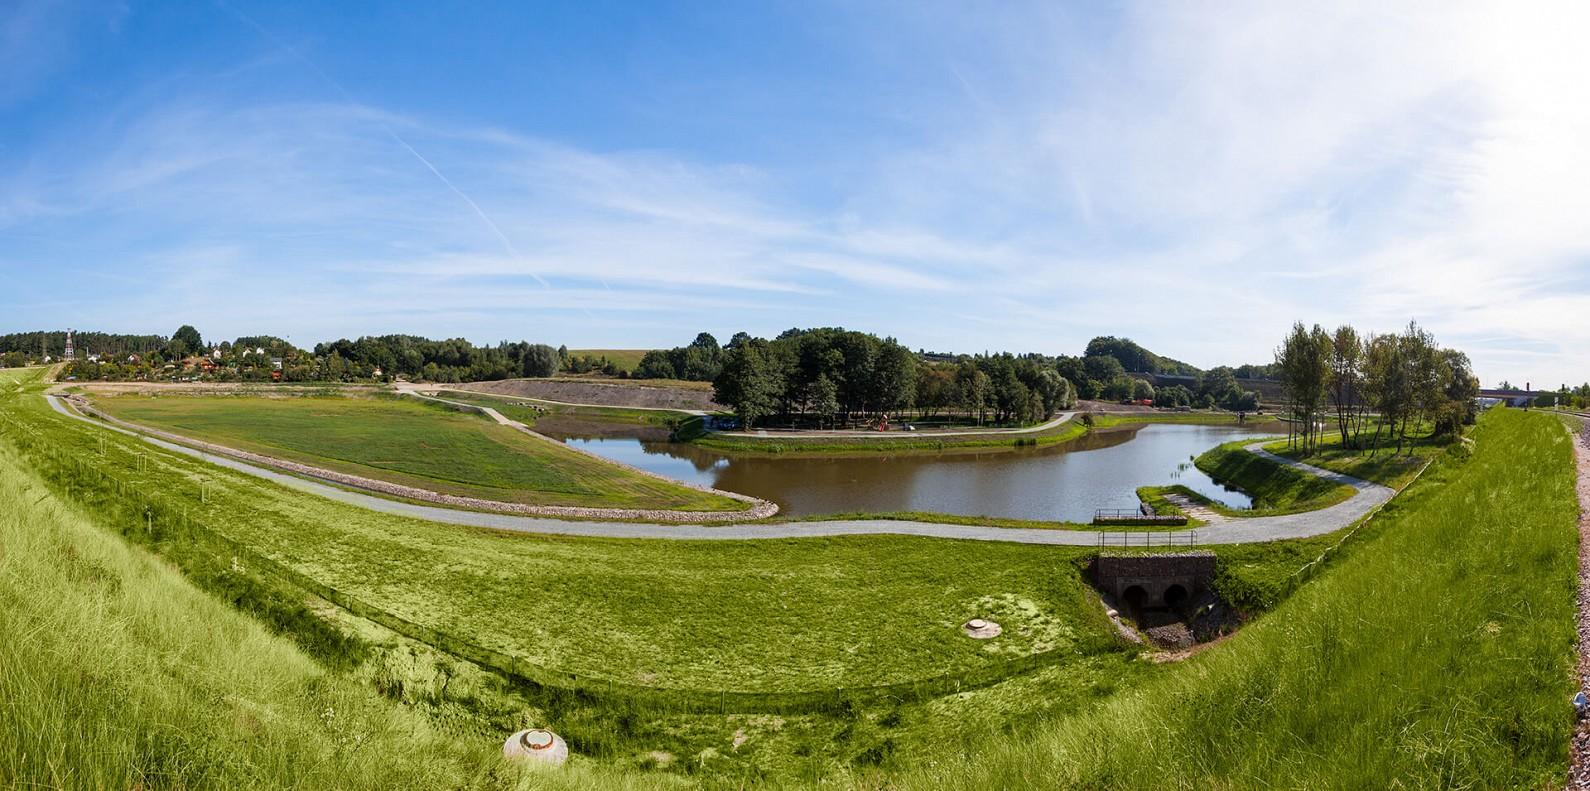 Gdańsk na podium. Na zdjęciu widoczny zbiornik wodny z okalającą go zielenią. Na drugim planie szpaler drzew.